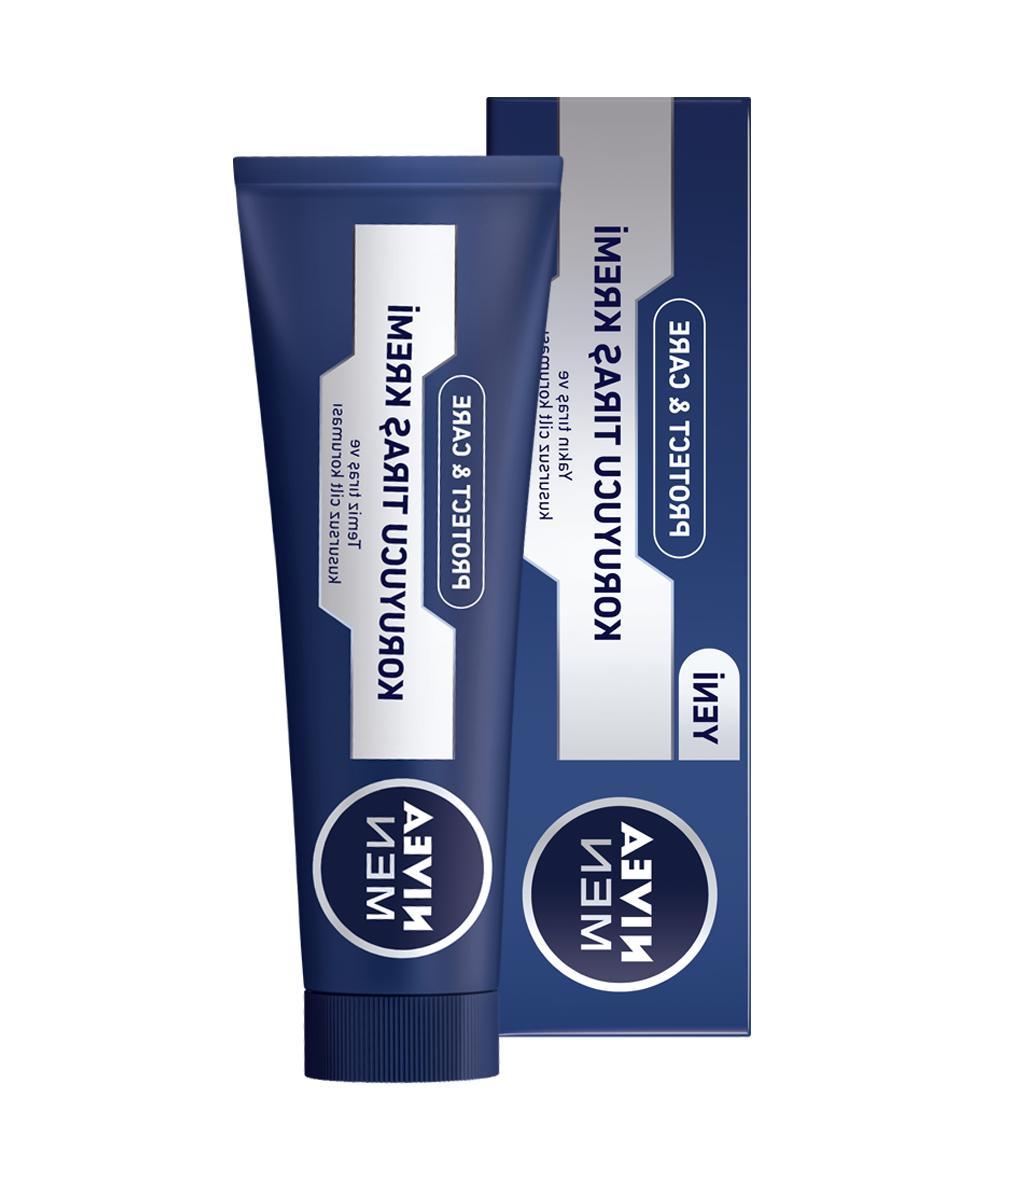 Nivea Men Protect Care Shaving Cream Oz